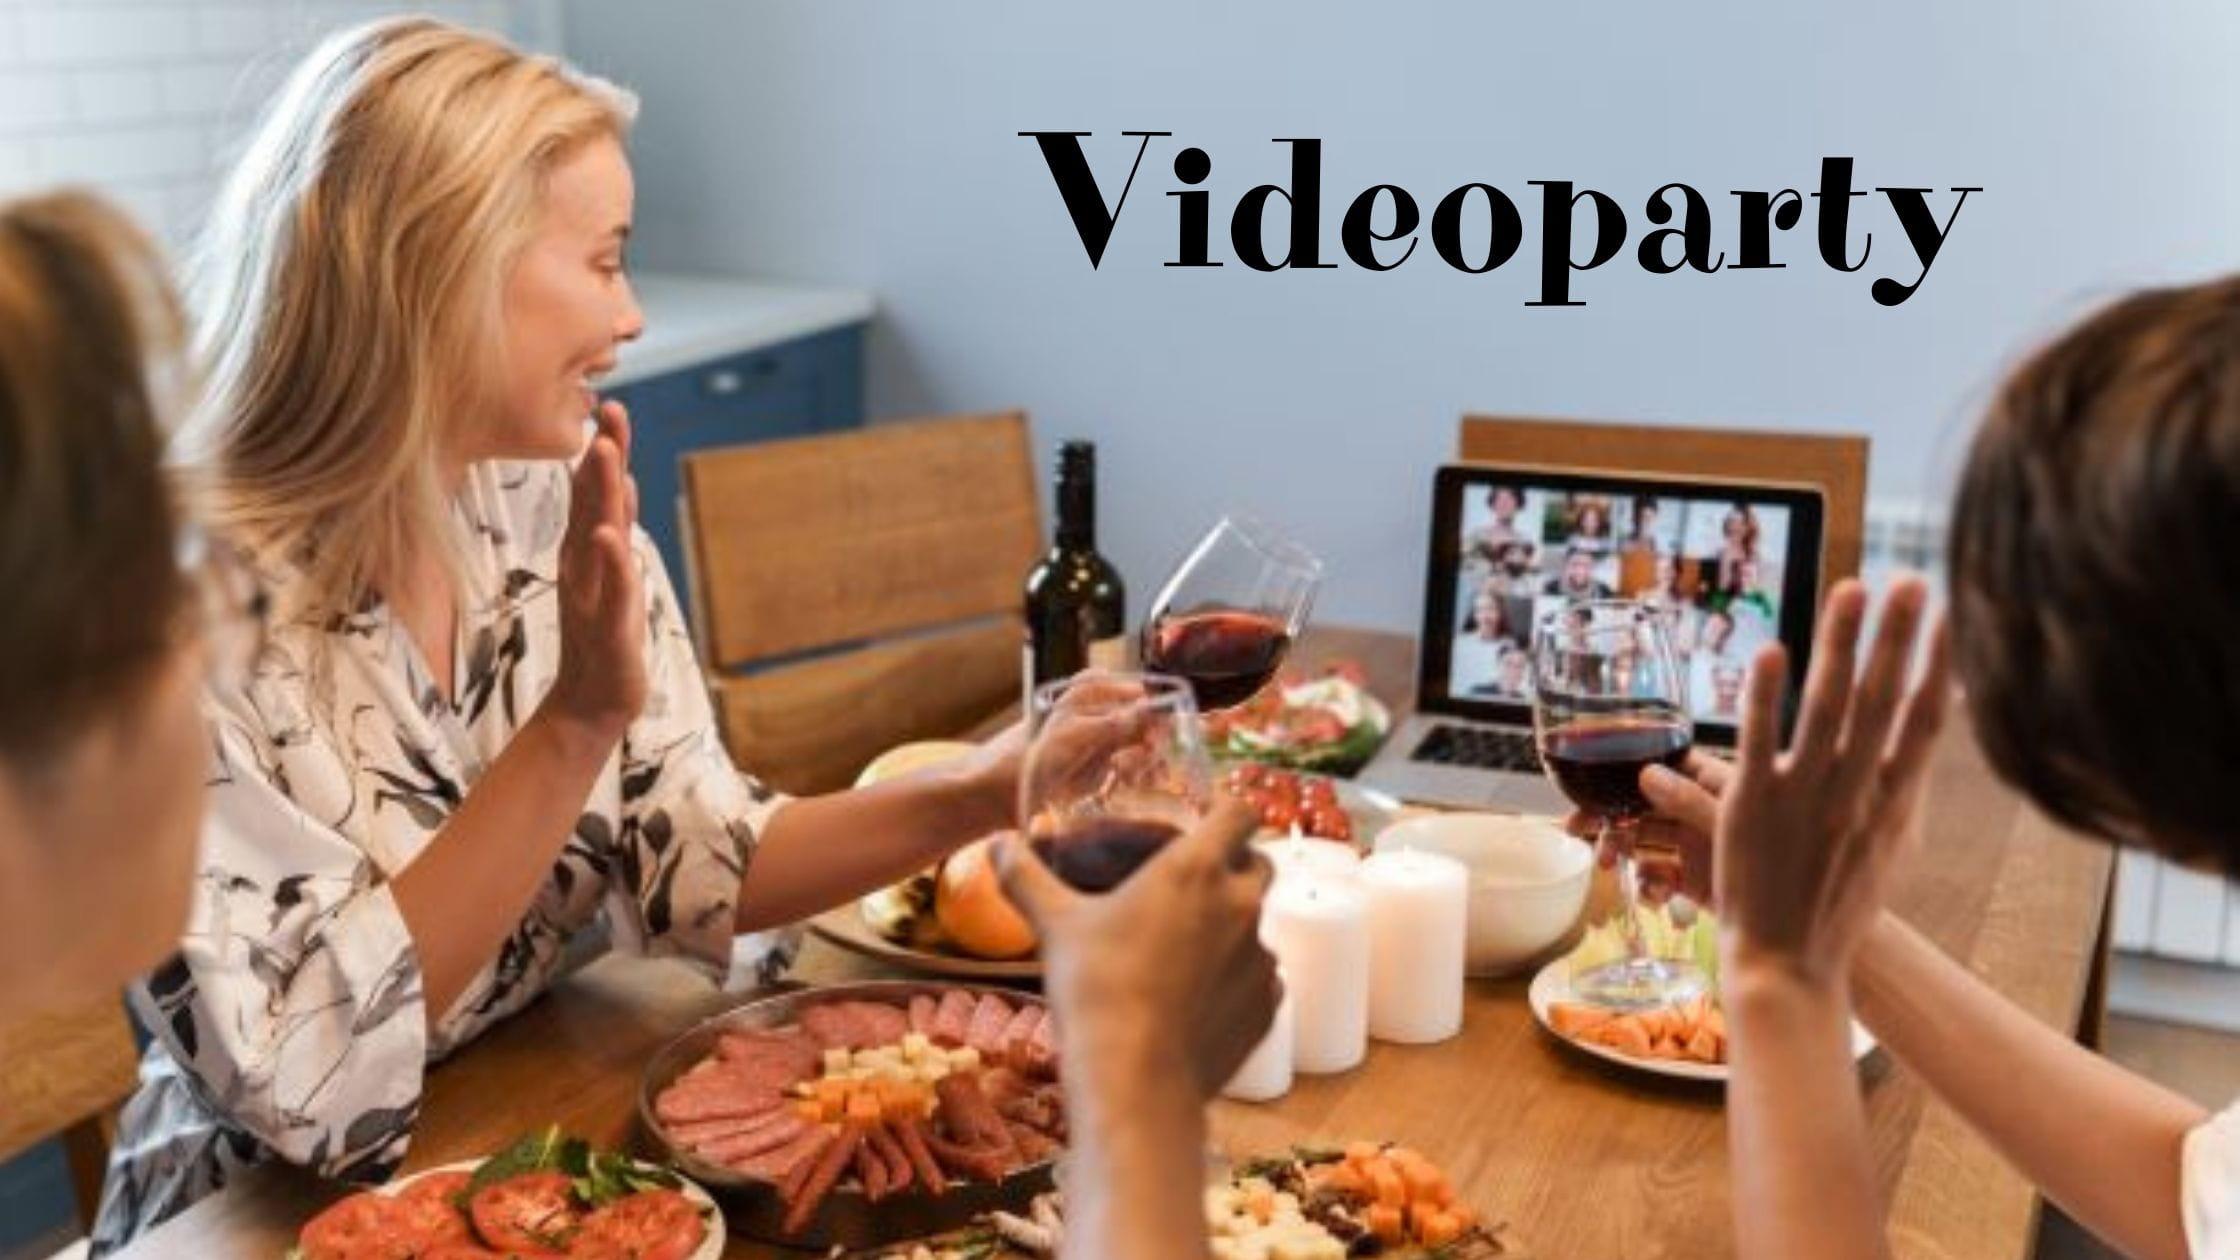 Videoparty niespodzianka - prezent na odległość